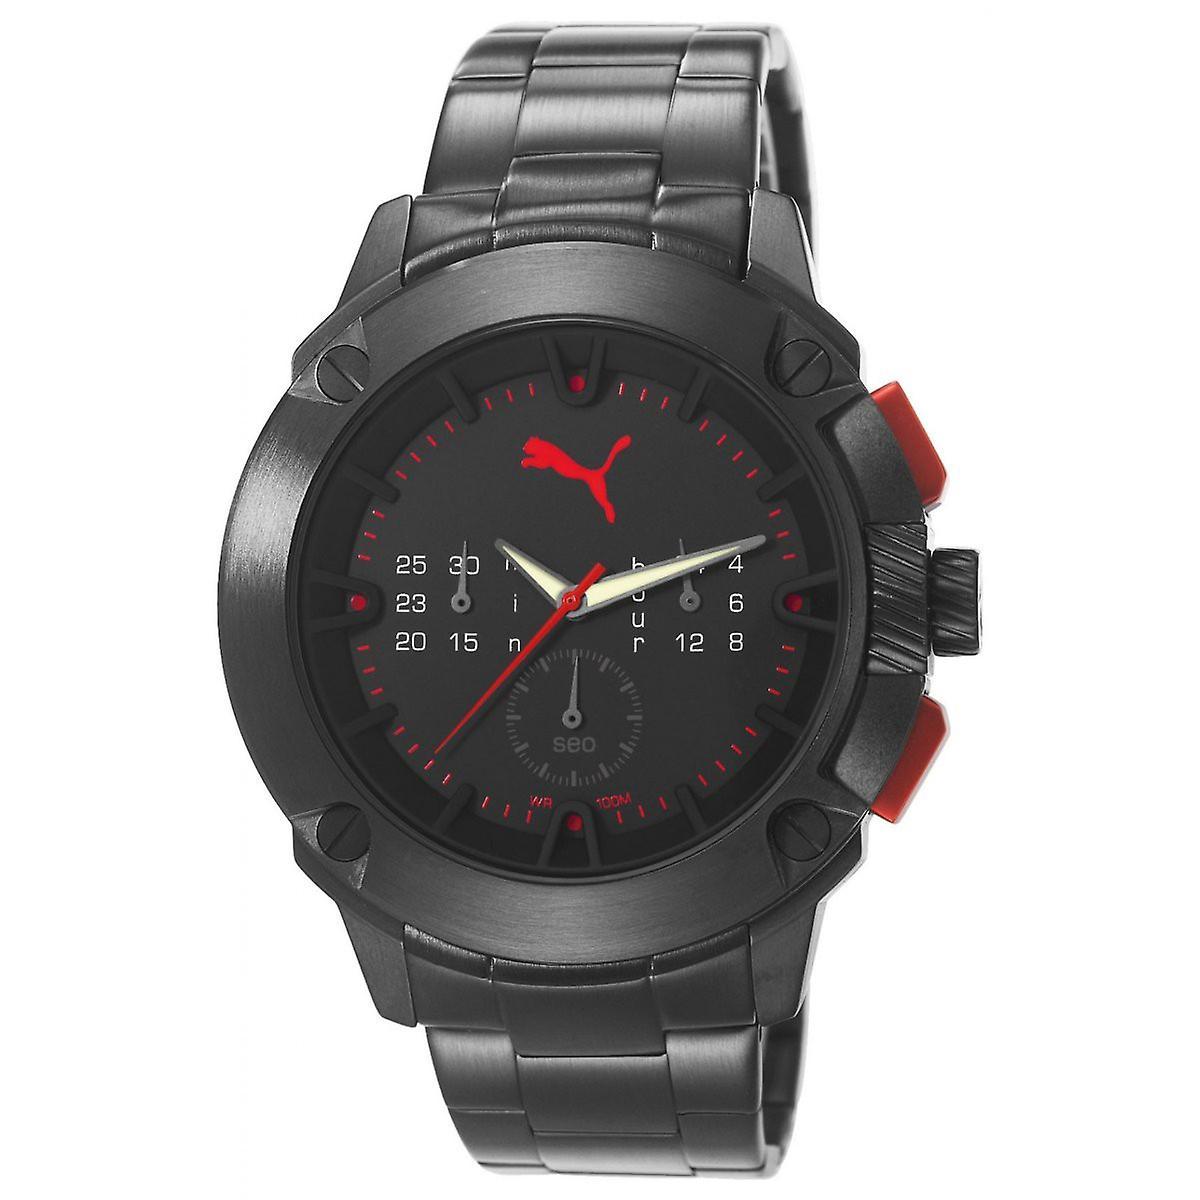 big sale 99caf 72a81 プーマ時計手首腕時計クロノグラフ メンズ ハイブリッド PU103711001